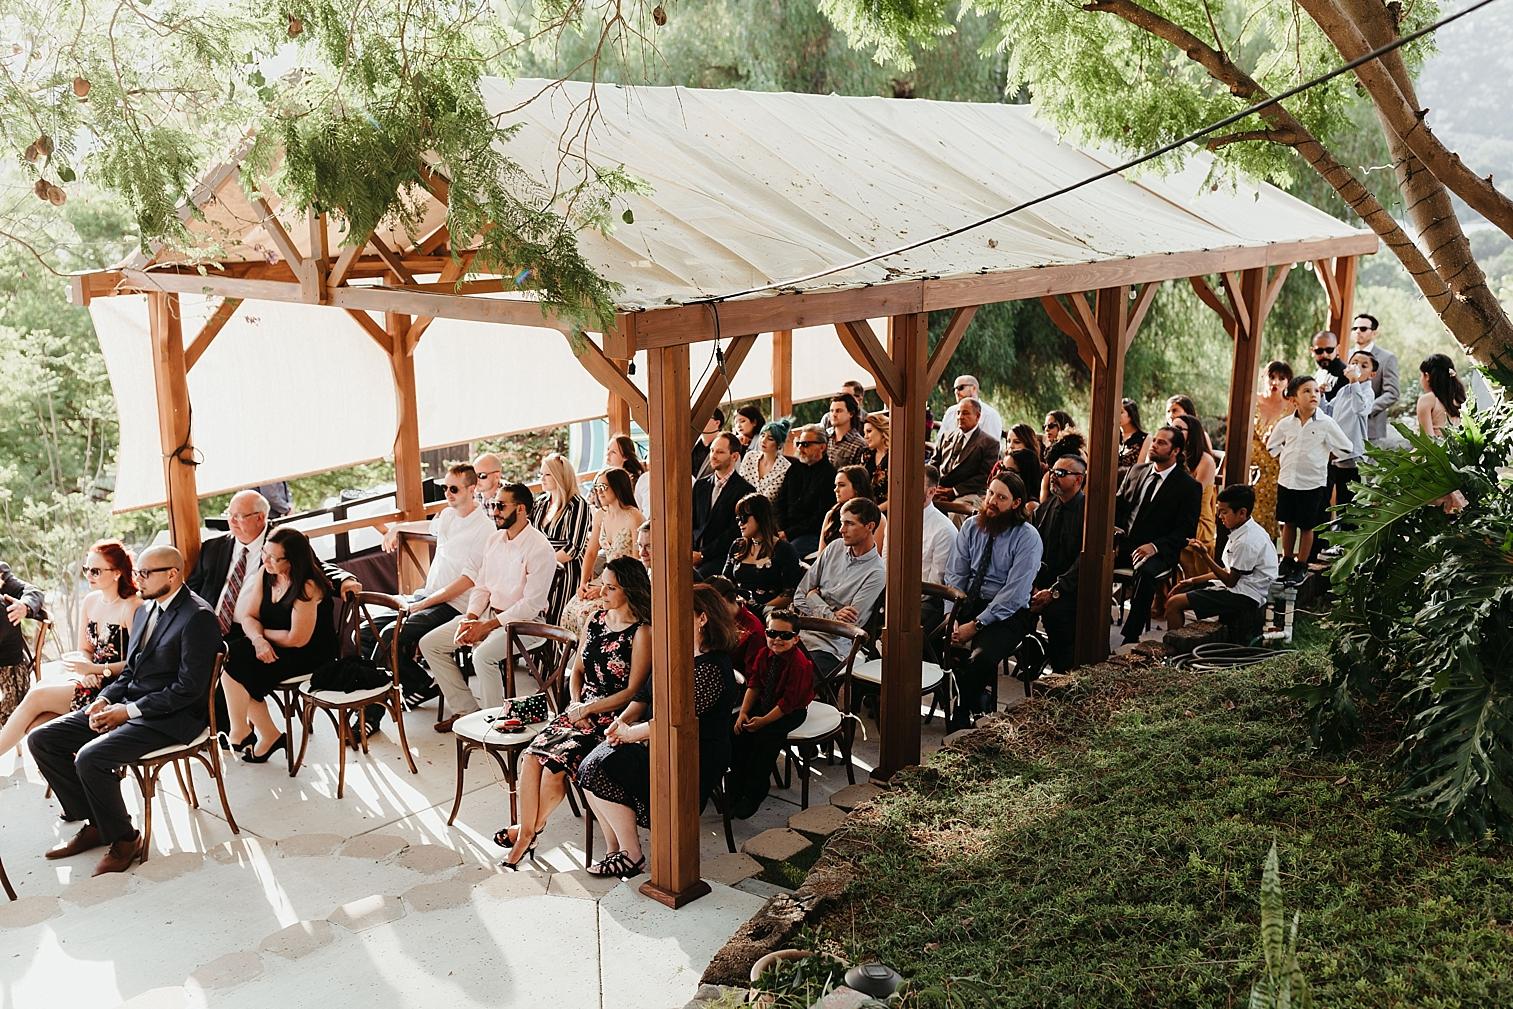 Backyard wedding ceremony site